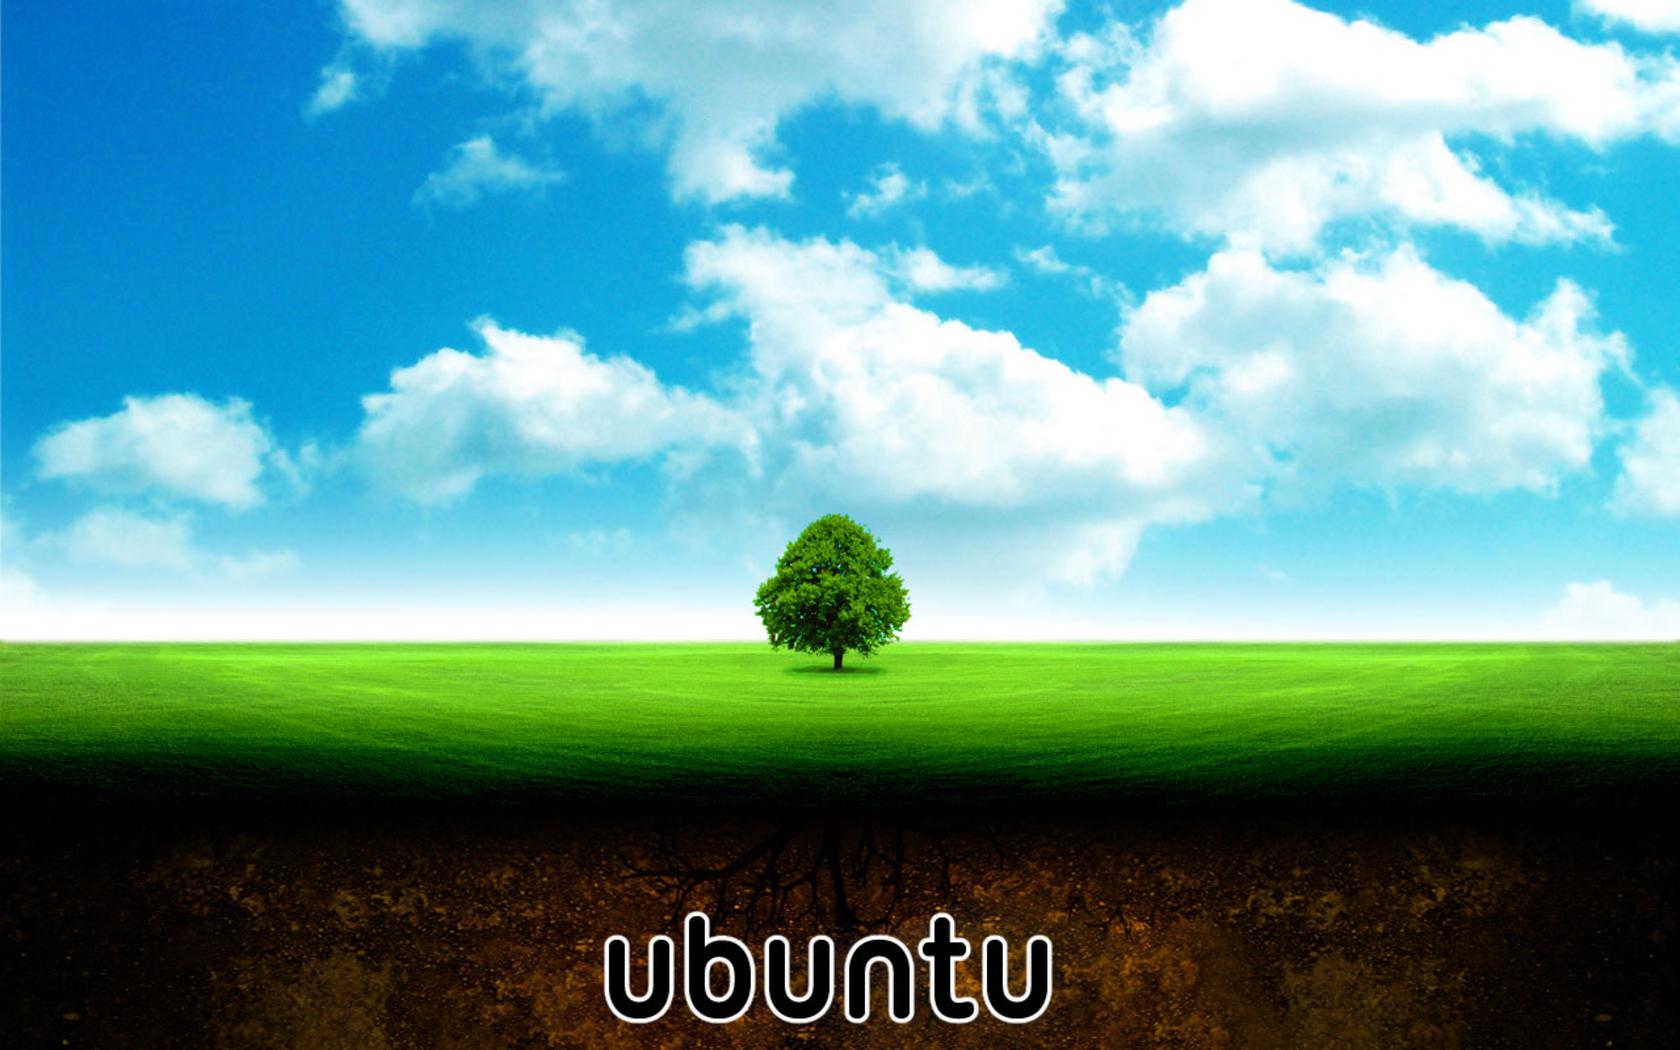 Ubuntu fondo de pantalla and fondo de escritorio for Fondo de pantalla ubuntu